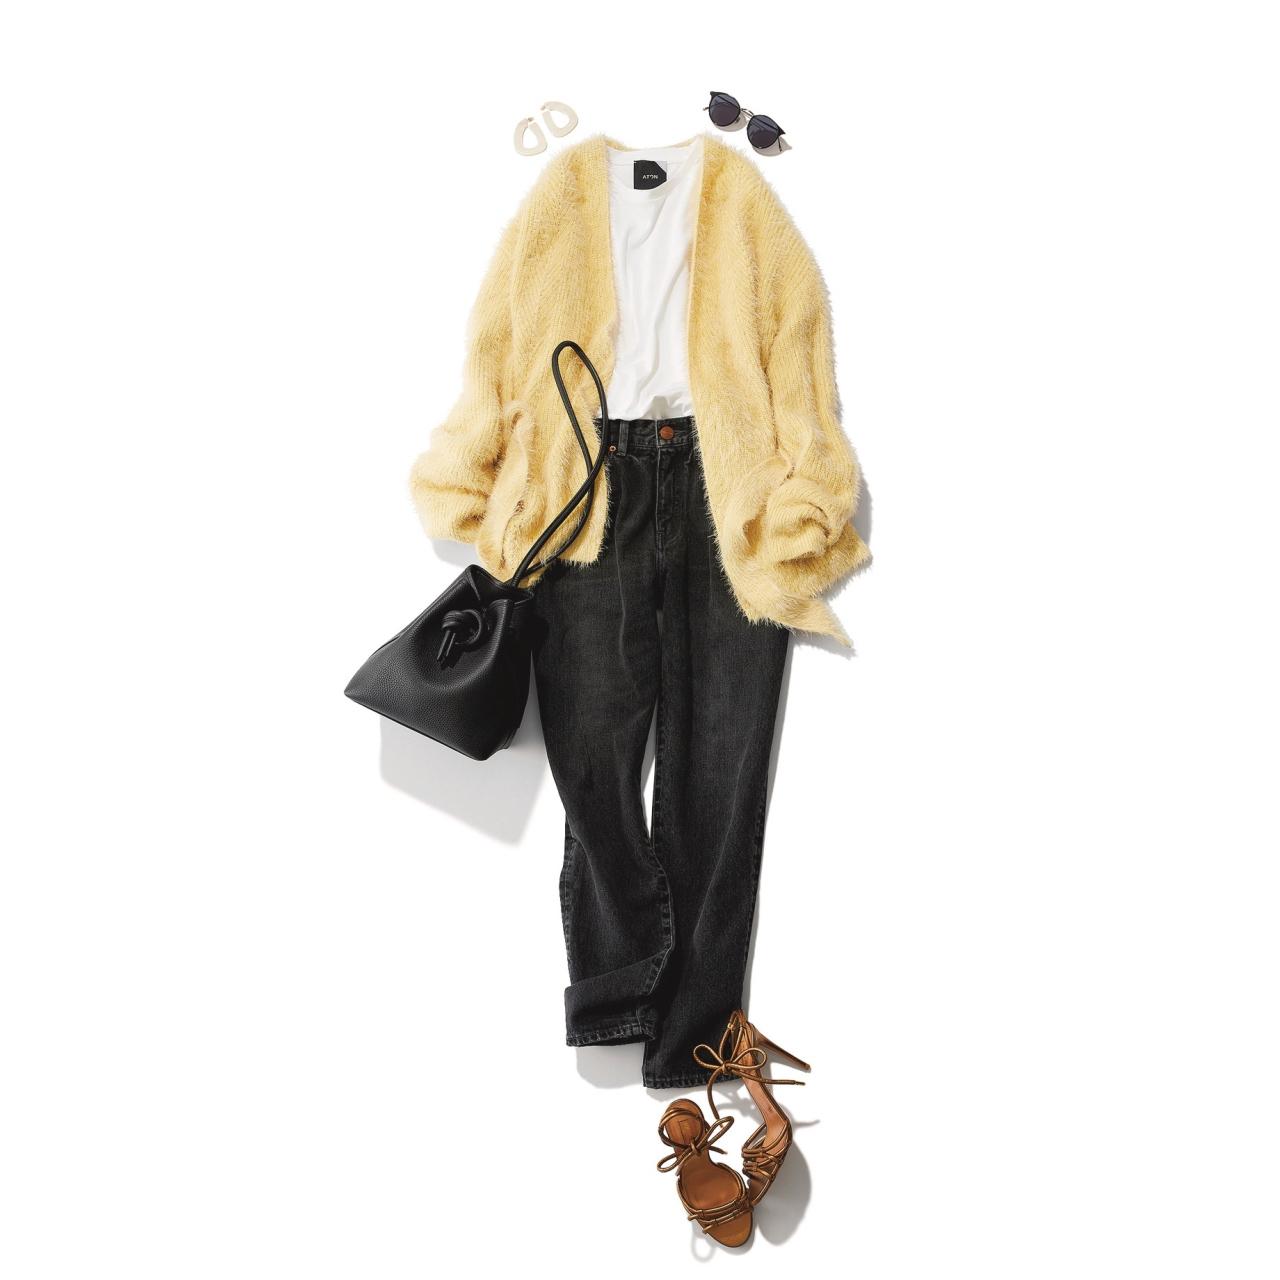 イエローニット×デニムのファッションコーデ